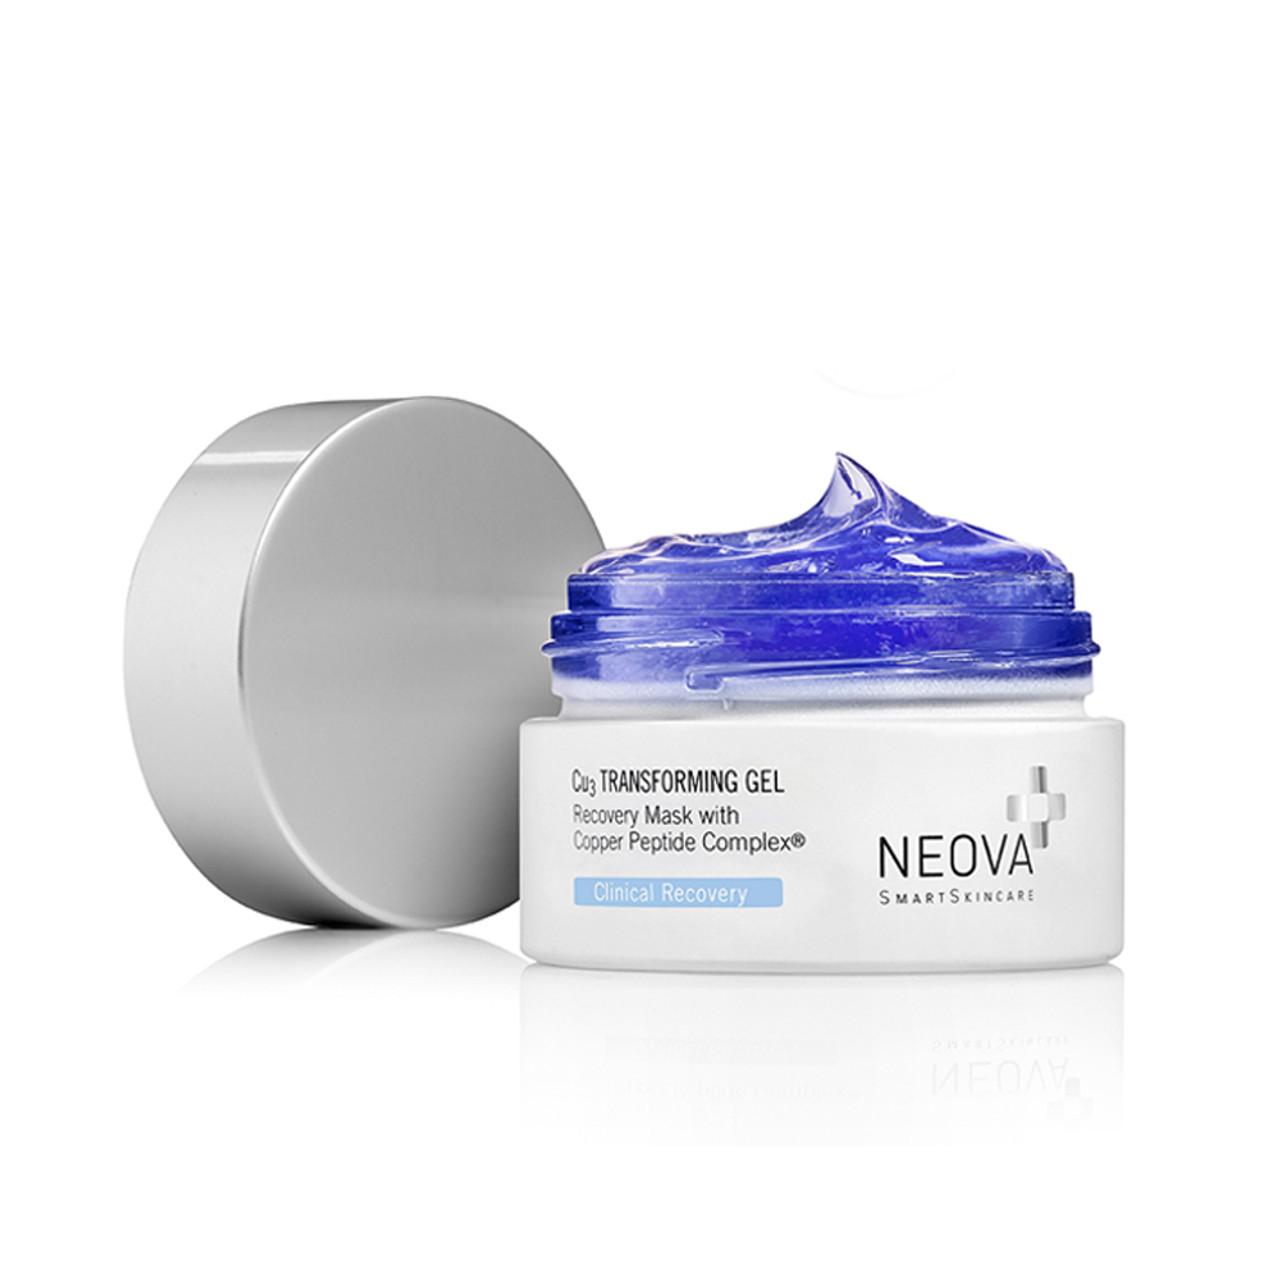 Neova Cu3 Transforming Gel